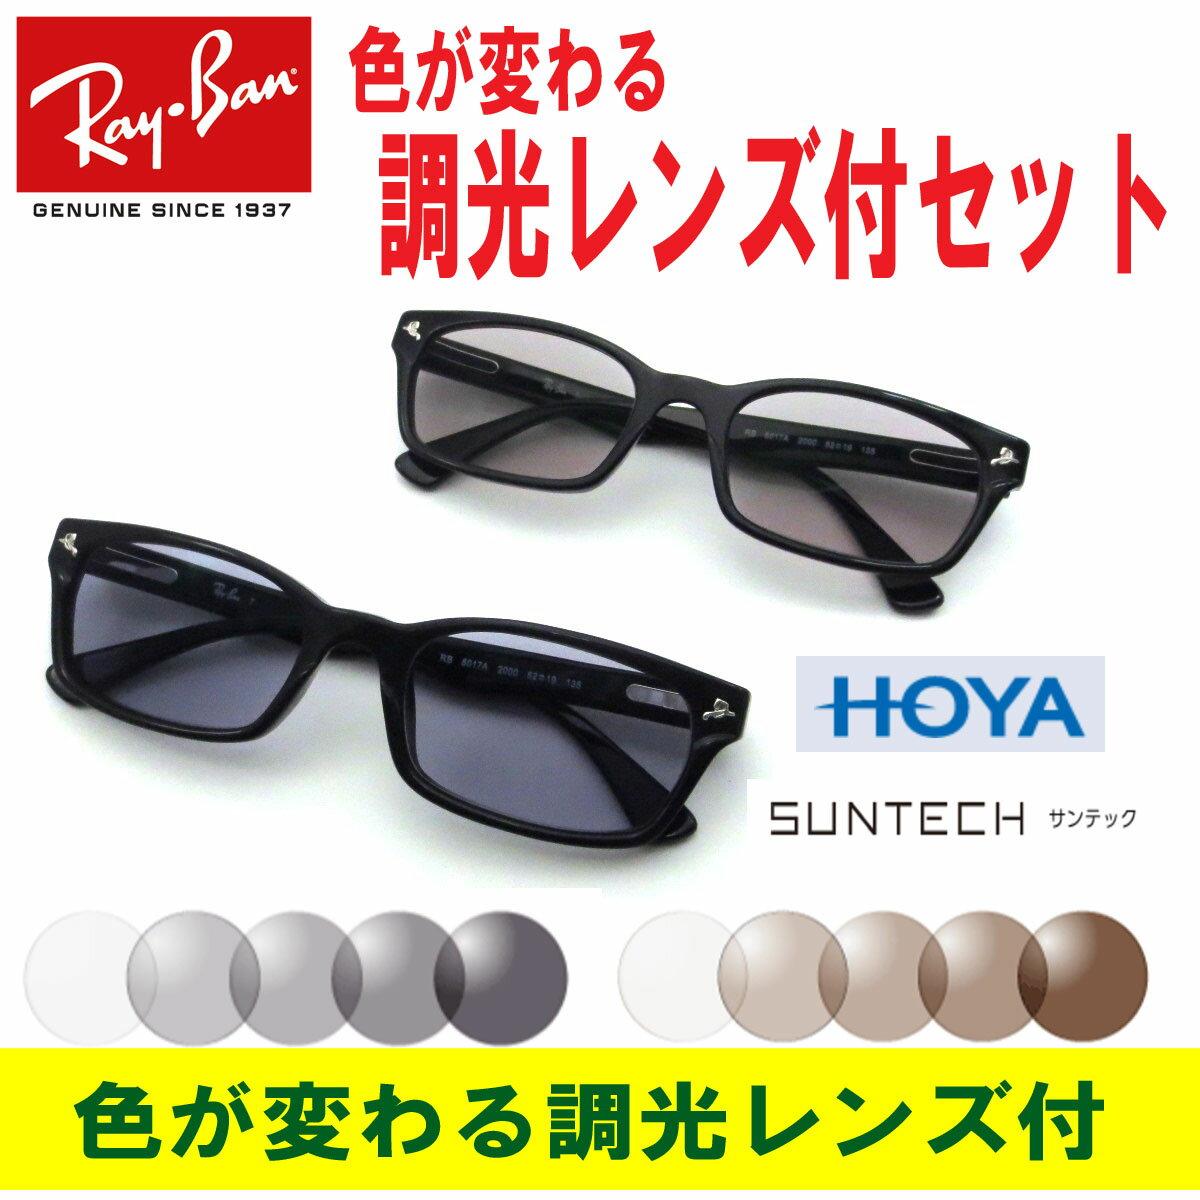 Ray-Ban(レイバン)RX5017A-2000(52)【色が変わる調光レンズ付 送料無料・HOYA・サンテック調光メガネセット】(調光レンズ・調光サングラスセット)大人気のクロセルフレーム・ドラゴンアッシュKJさん着用モデル レディースメンズ【コンビニ受取対応商品】